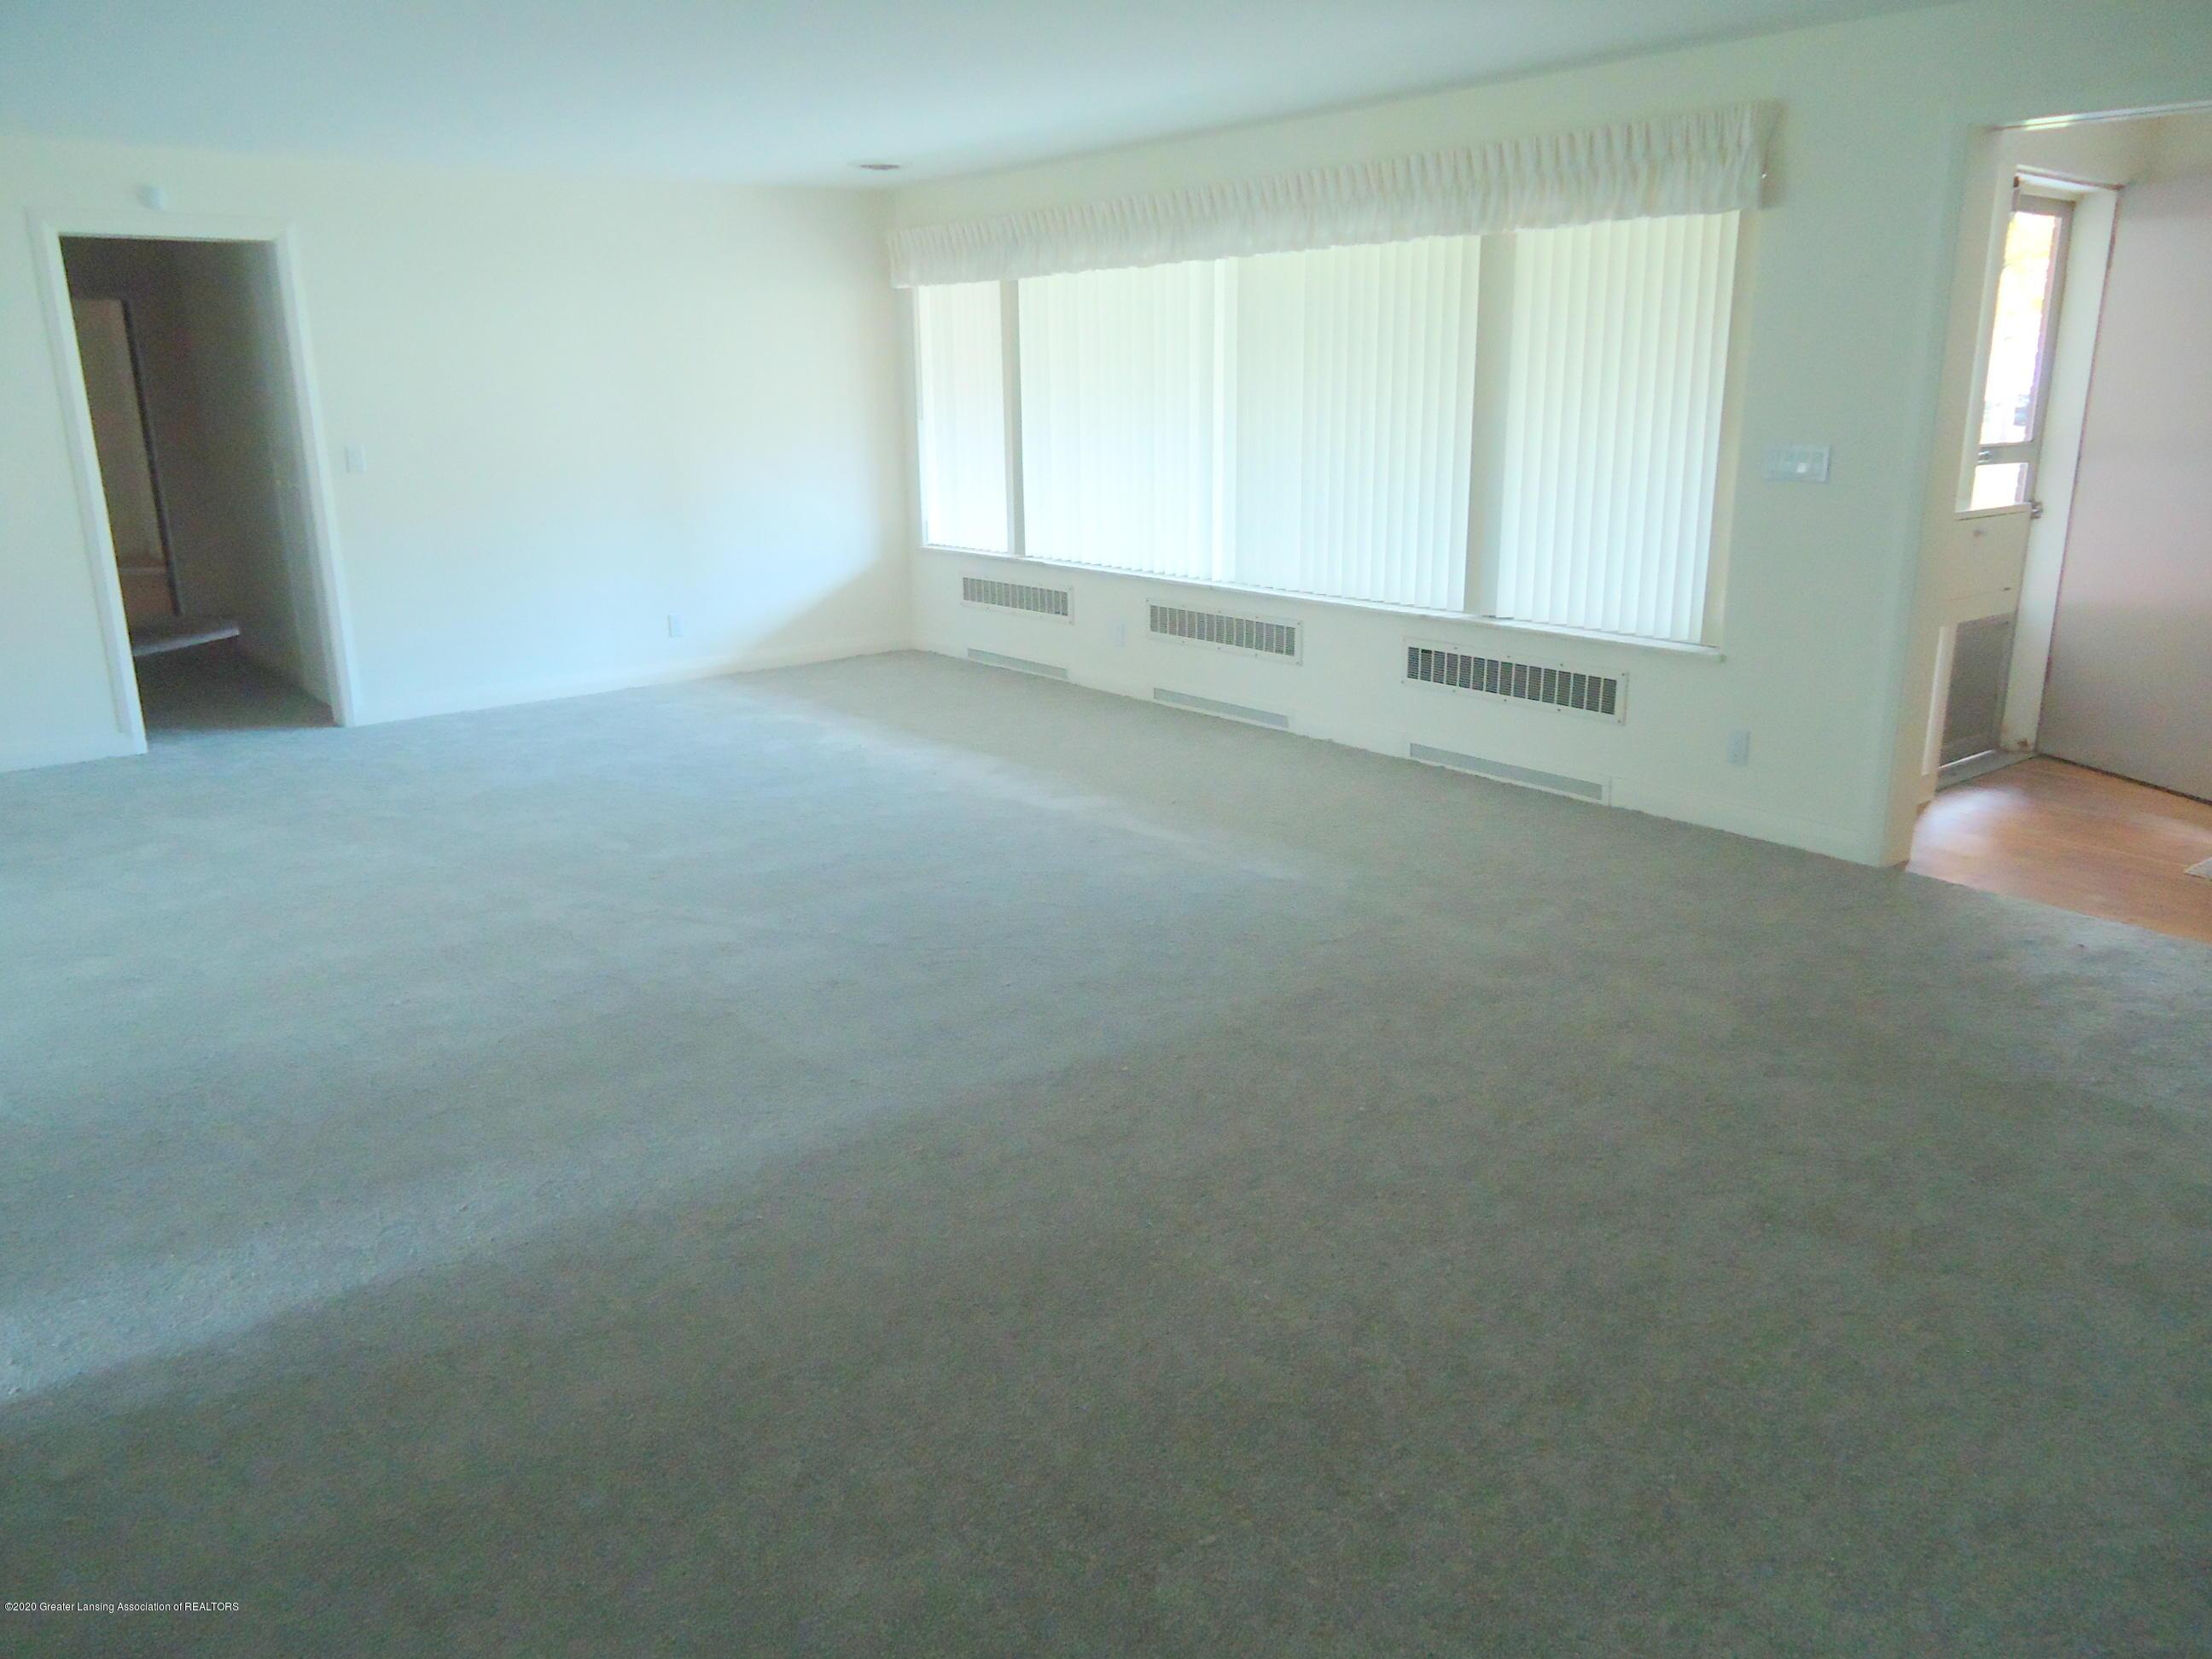 333 S Sheldon St - Living Room - 11